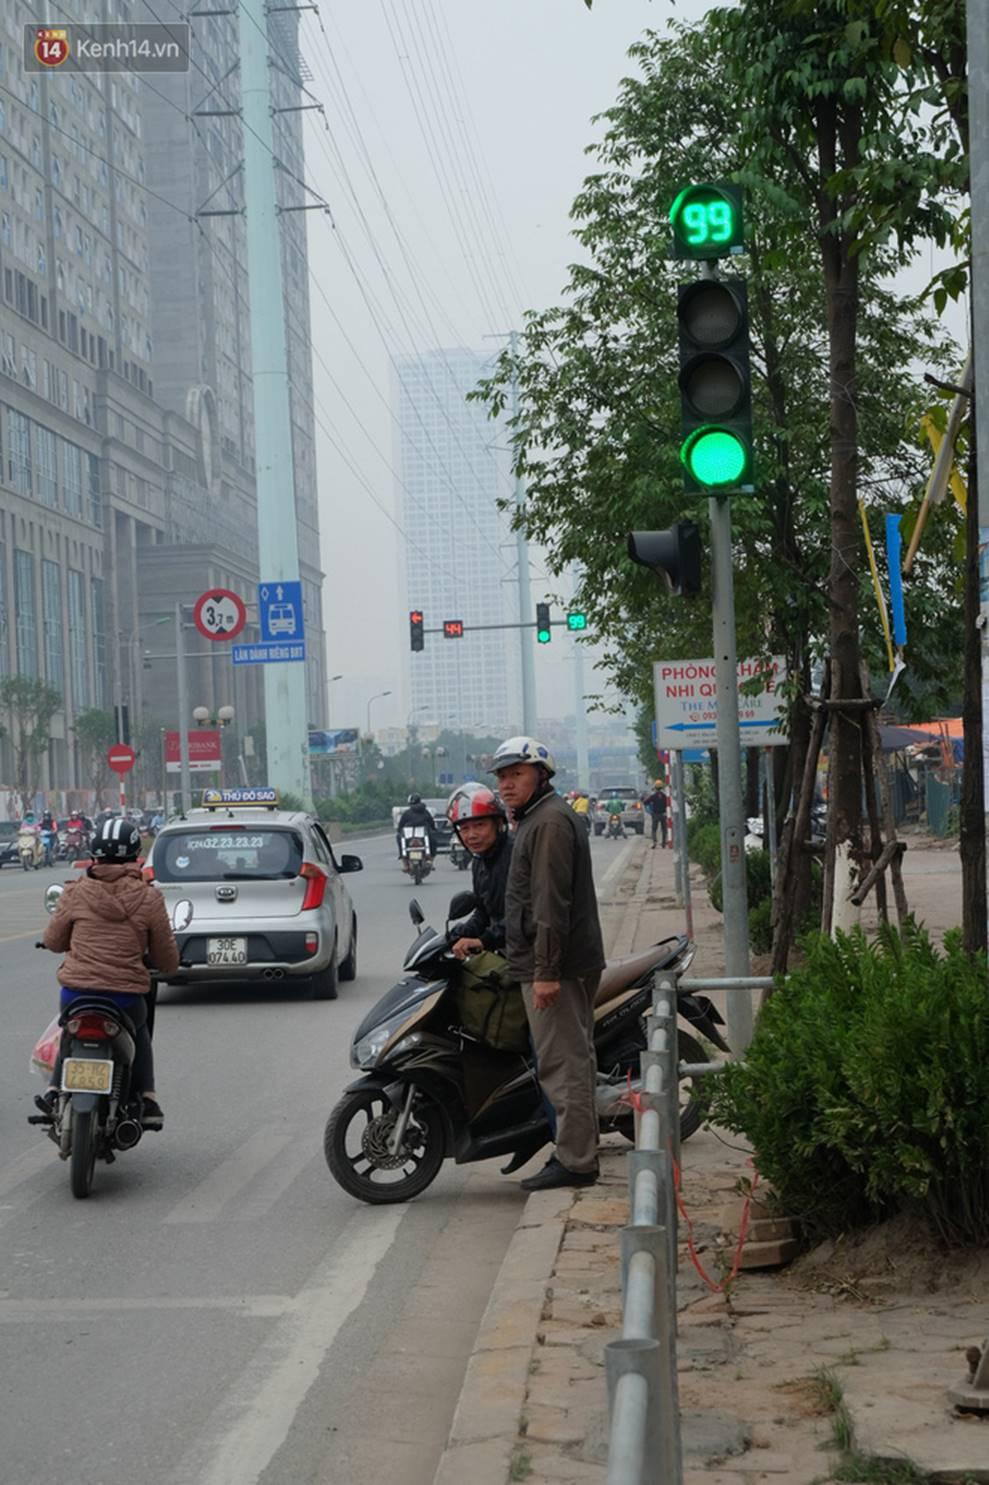 Dựng rào chắn ngăn dắt xe trên vỉa hè Tố Hữu: Bê tông chưa kịp cứng đã bị nhổ, nhiều người dân bất chấp đi ngược chiều dưới lòng đường-5